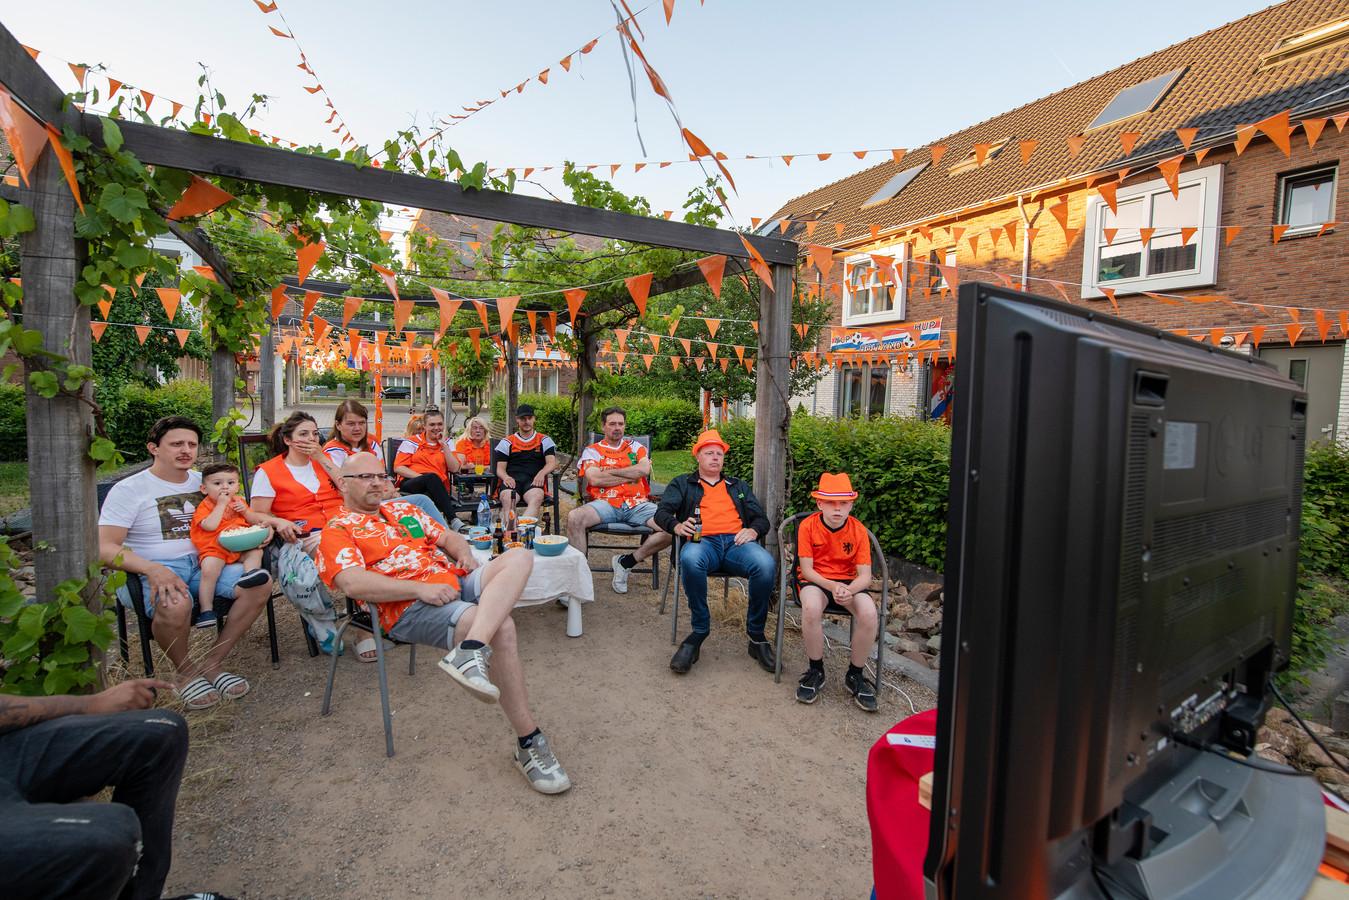 Voor een speciaal gekocht tweedehandsje samen het openingsduel van Oranje bekijken. De bewoners van een hofje aan de Apeldoornse Ravenweg...